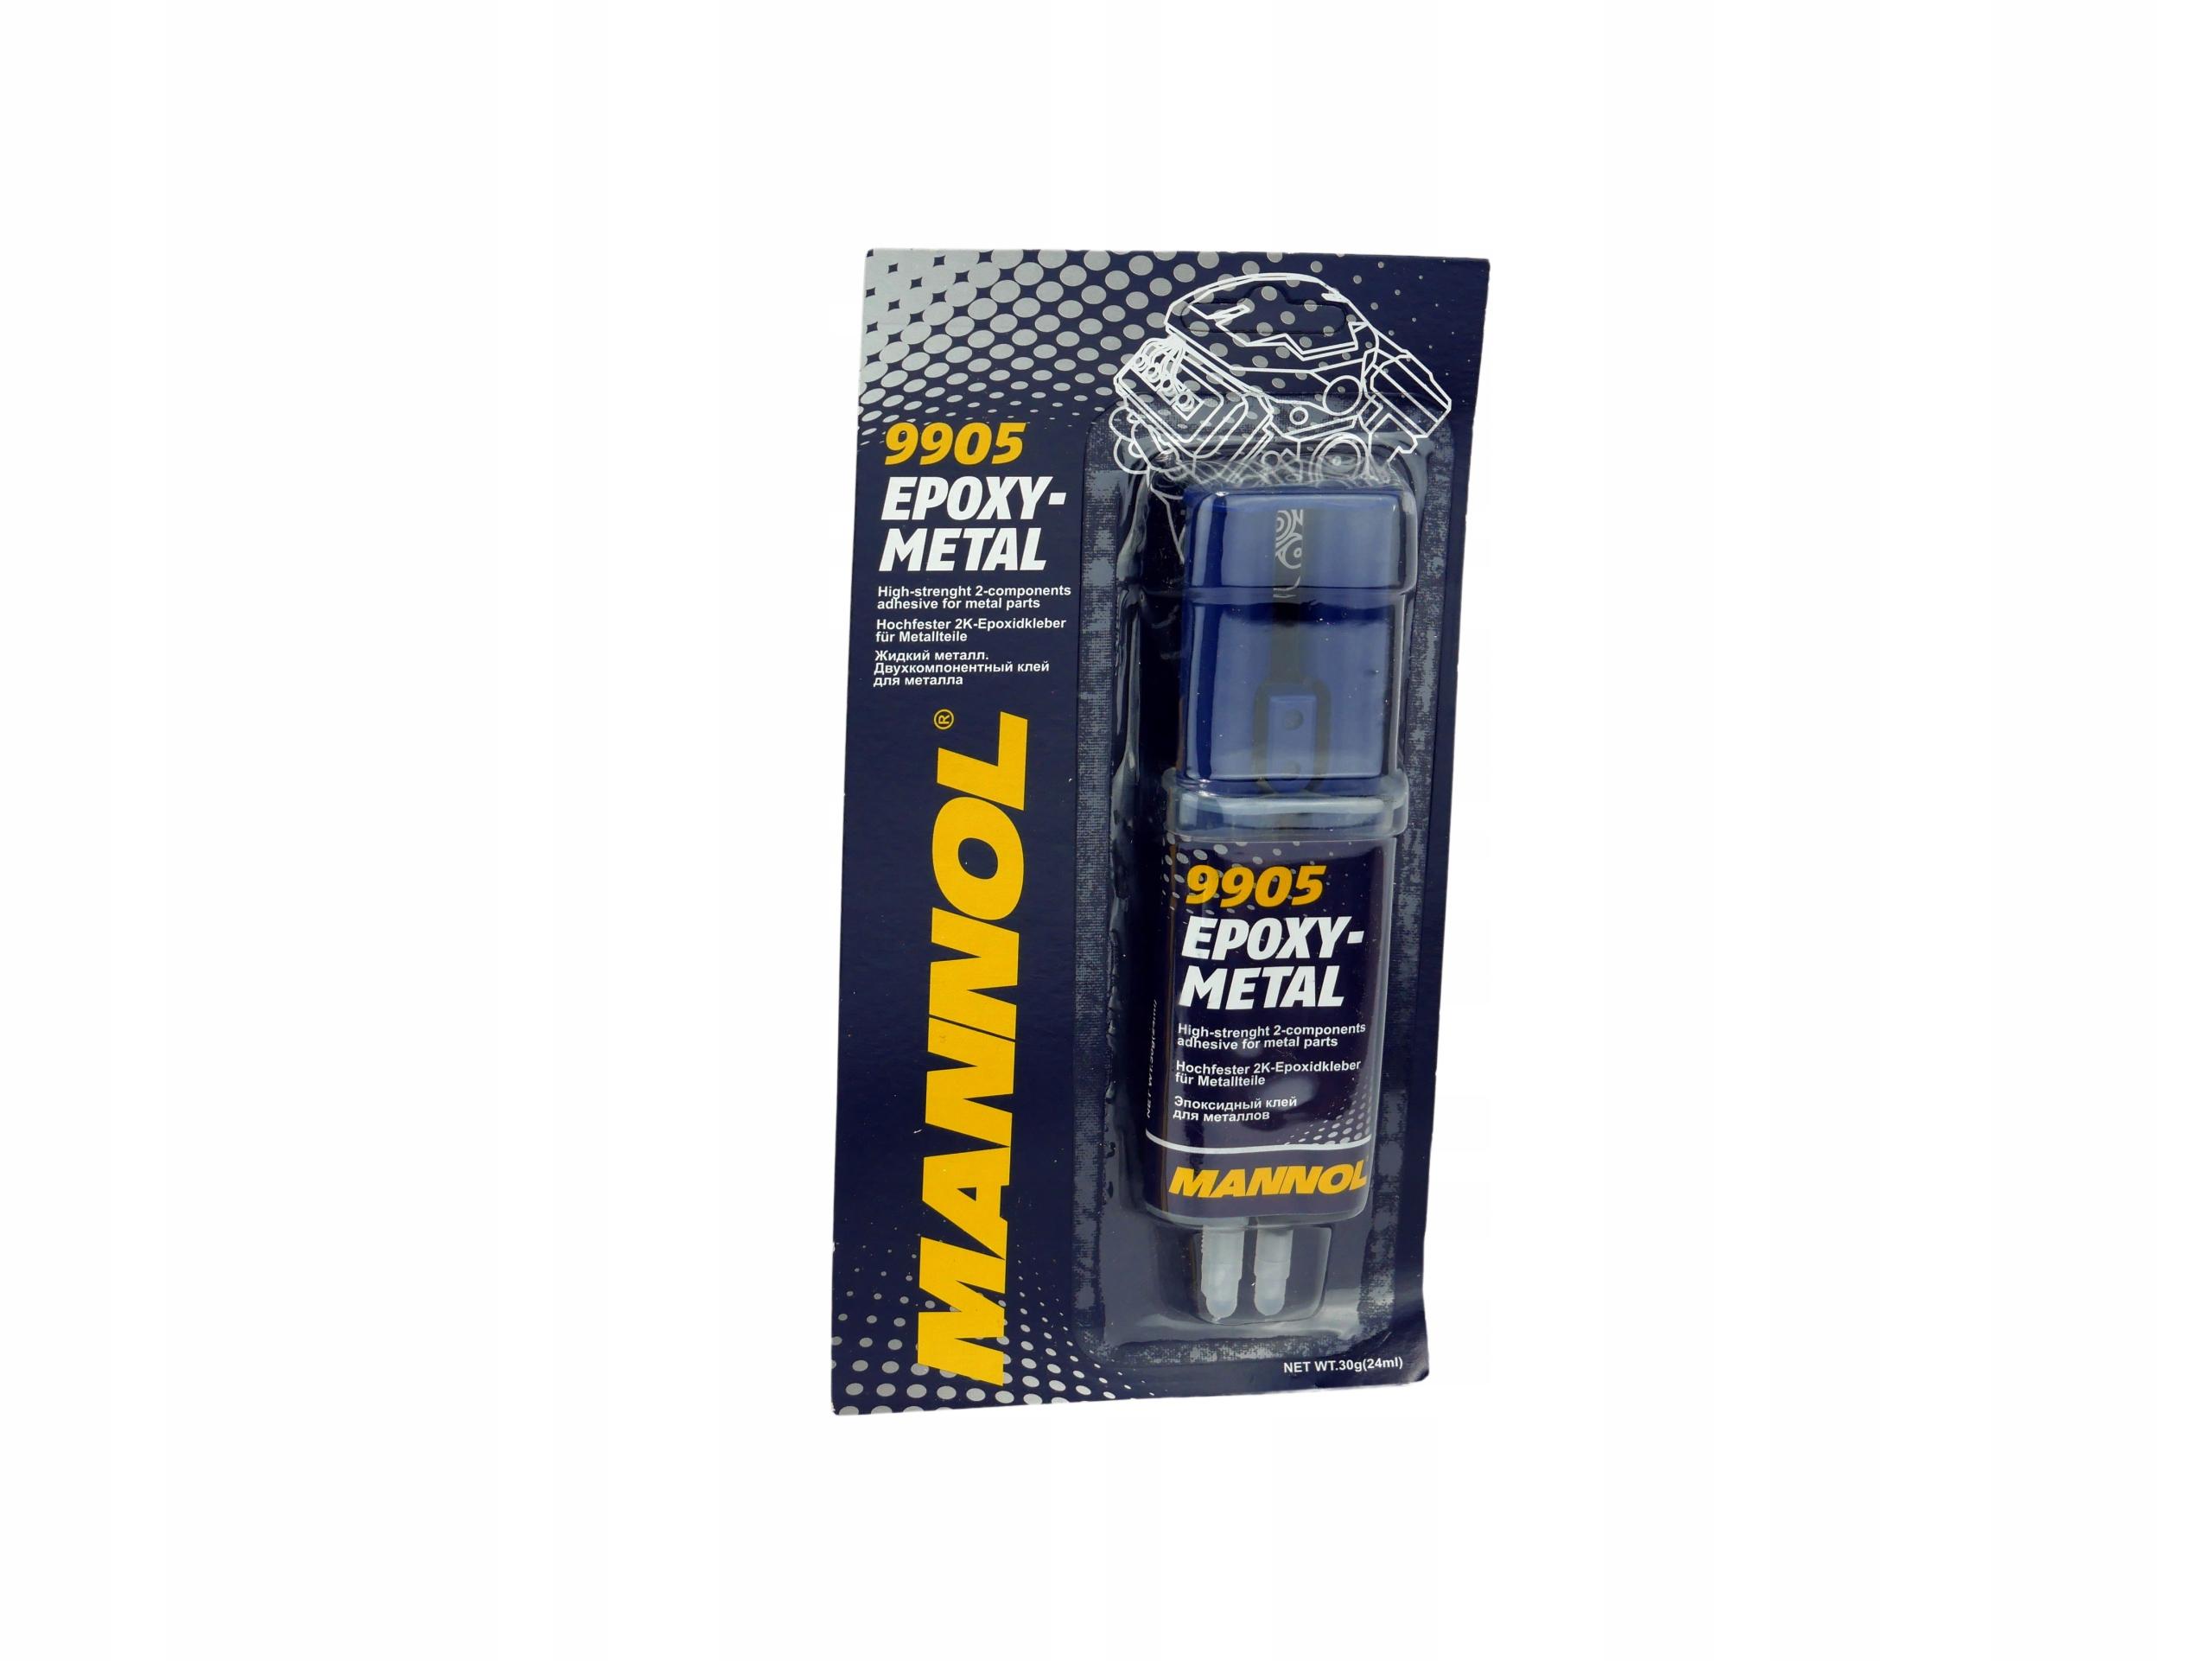 MANNOL 9905 Эпоксидный металл Металлический клей алюминий